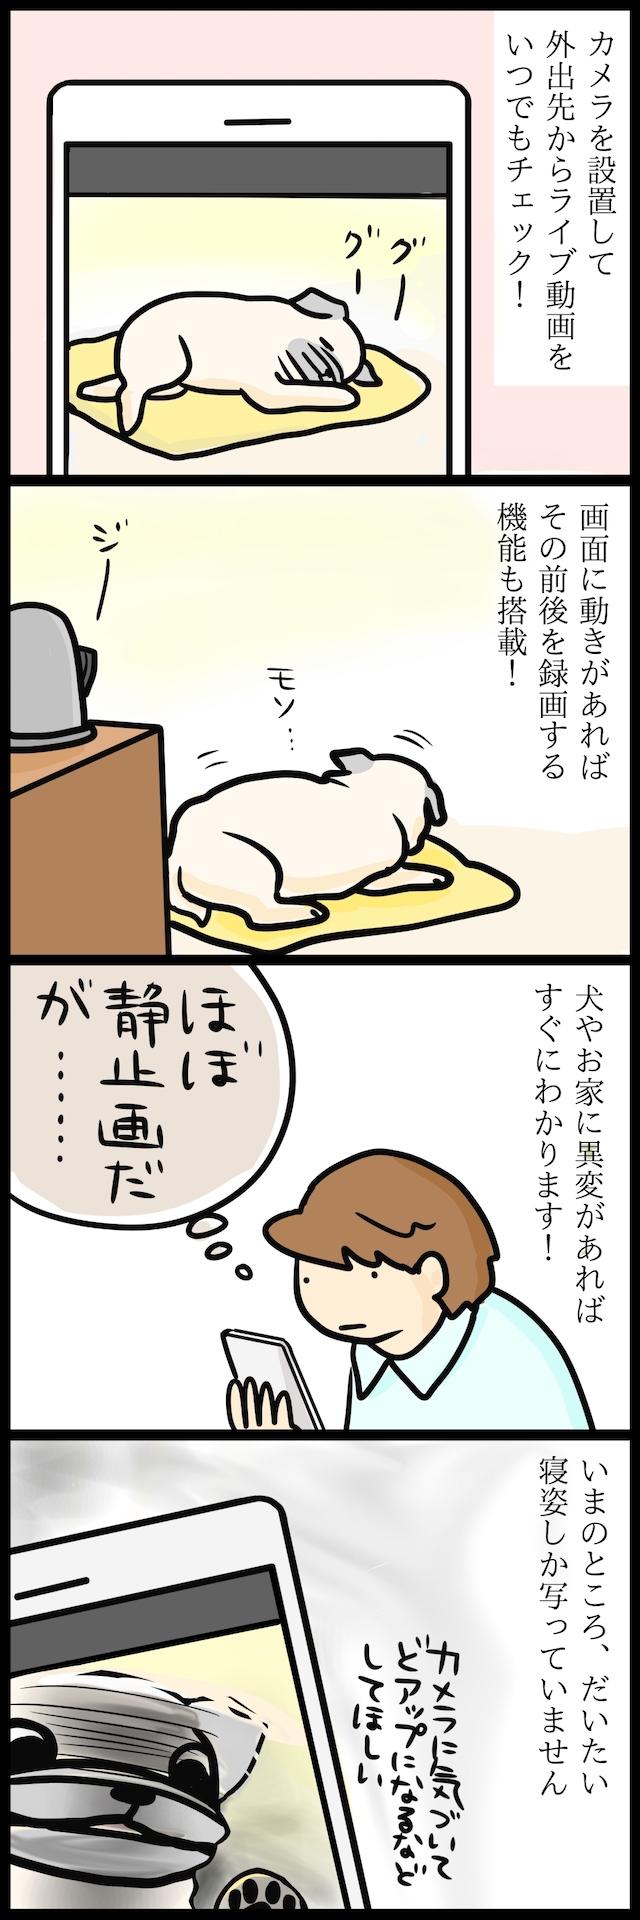 【パグ犬のいる家】めーとの生活(10)「お留守番」2ページ目